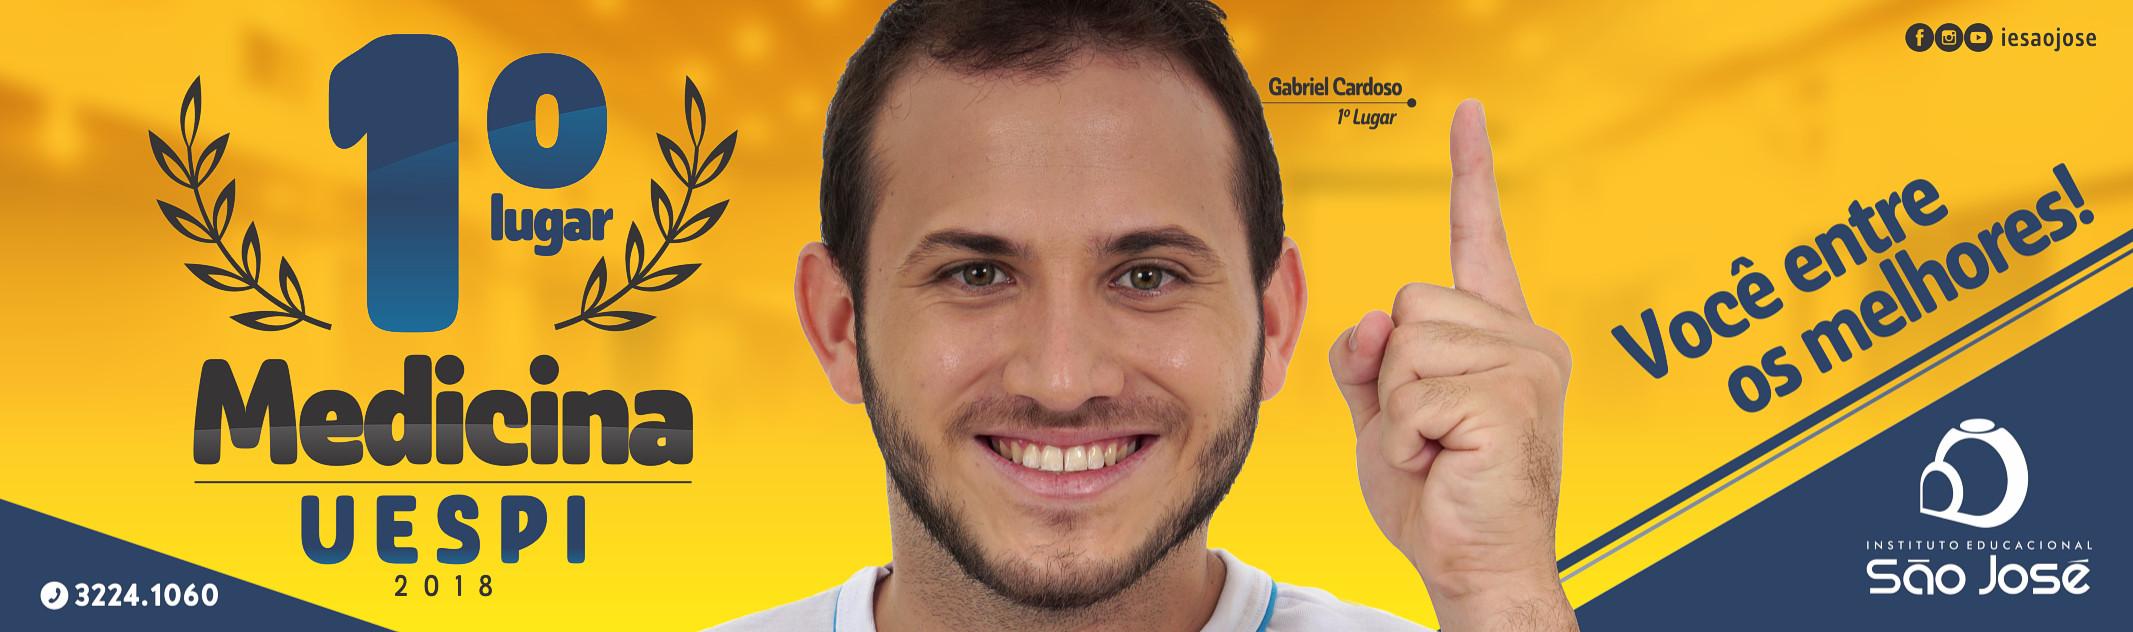 Gabriel Cardoso